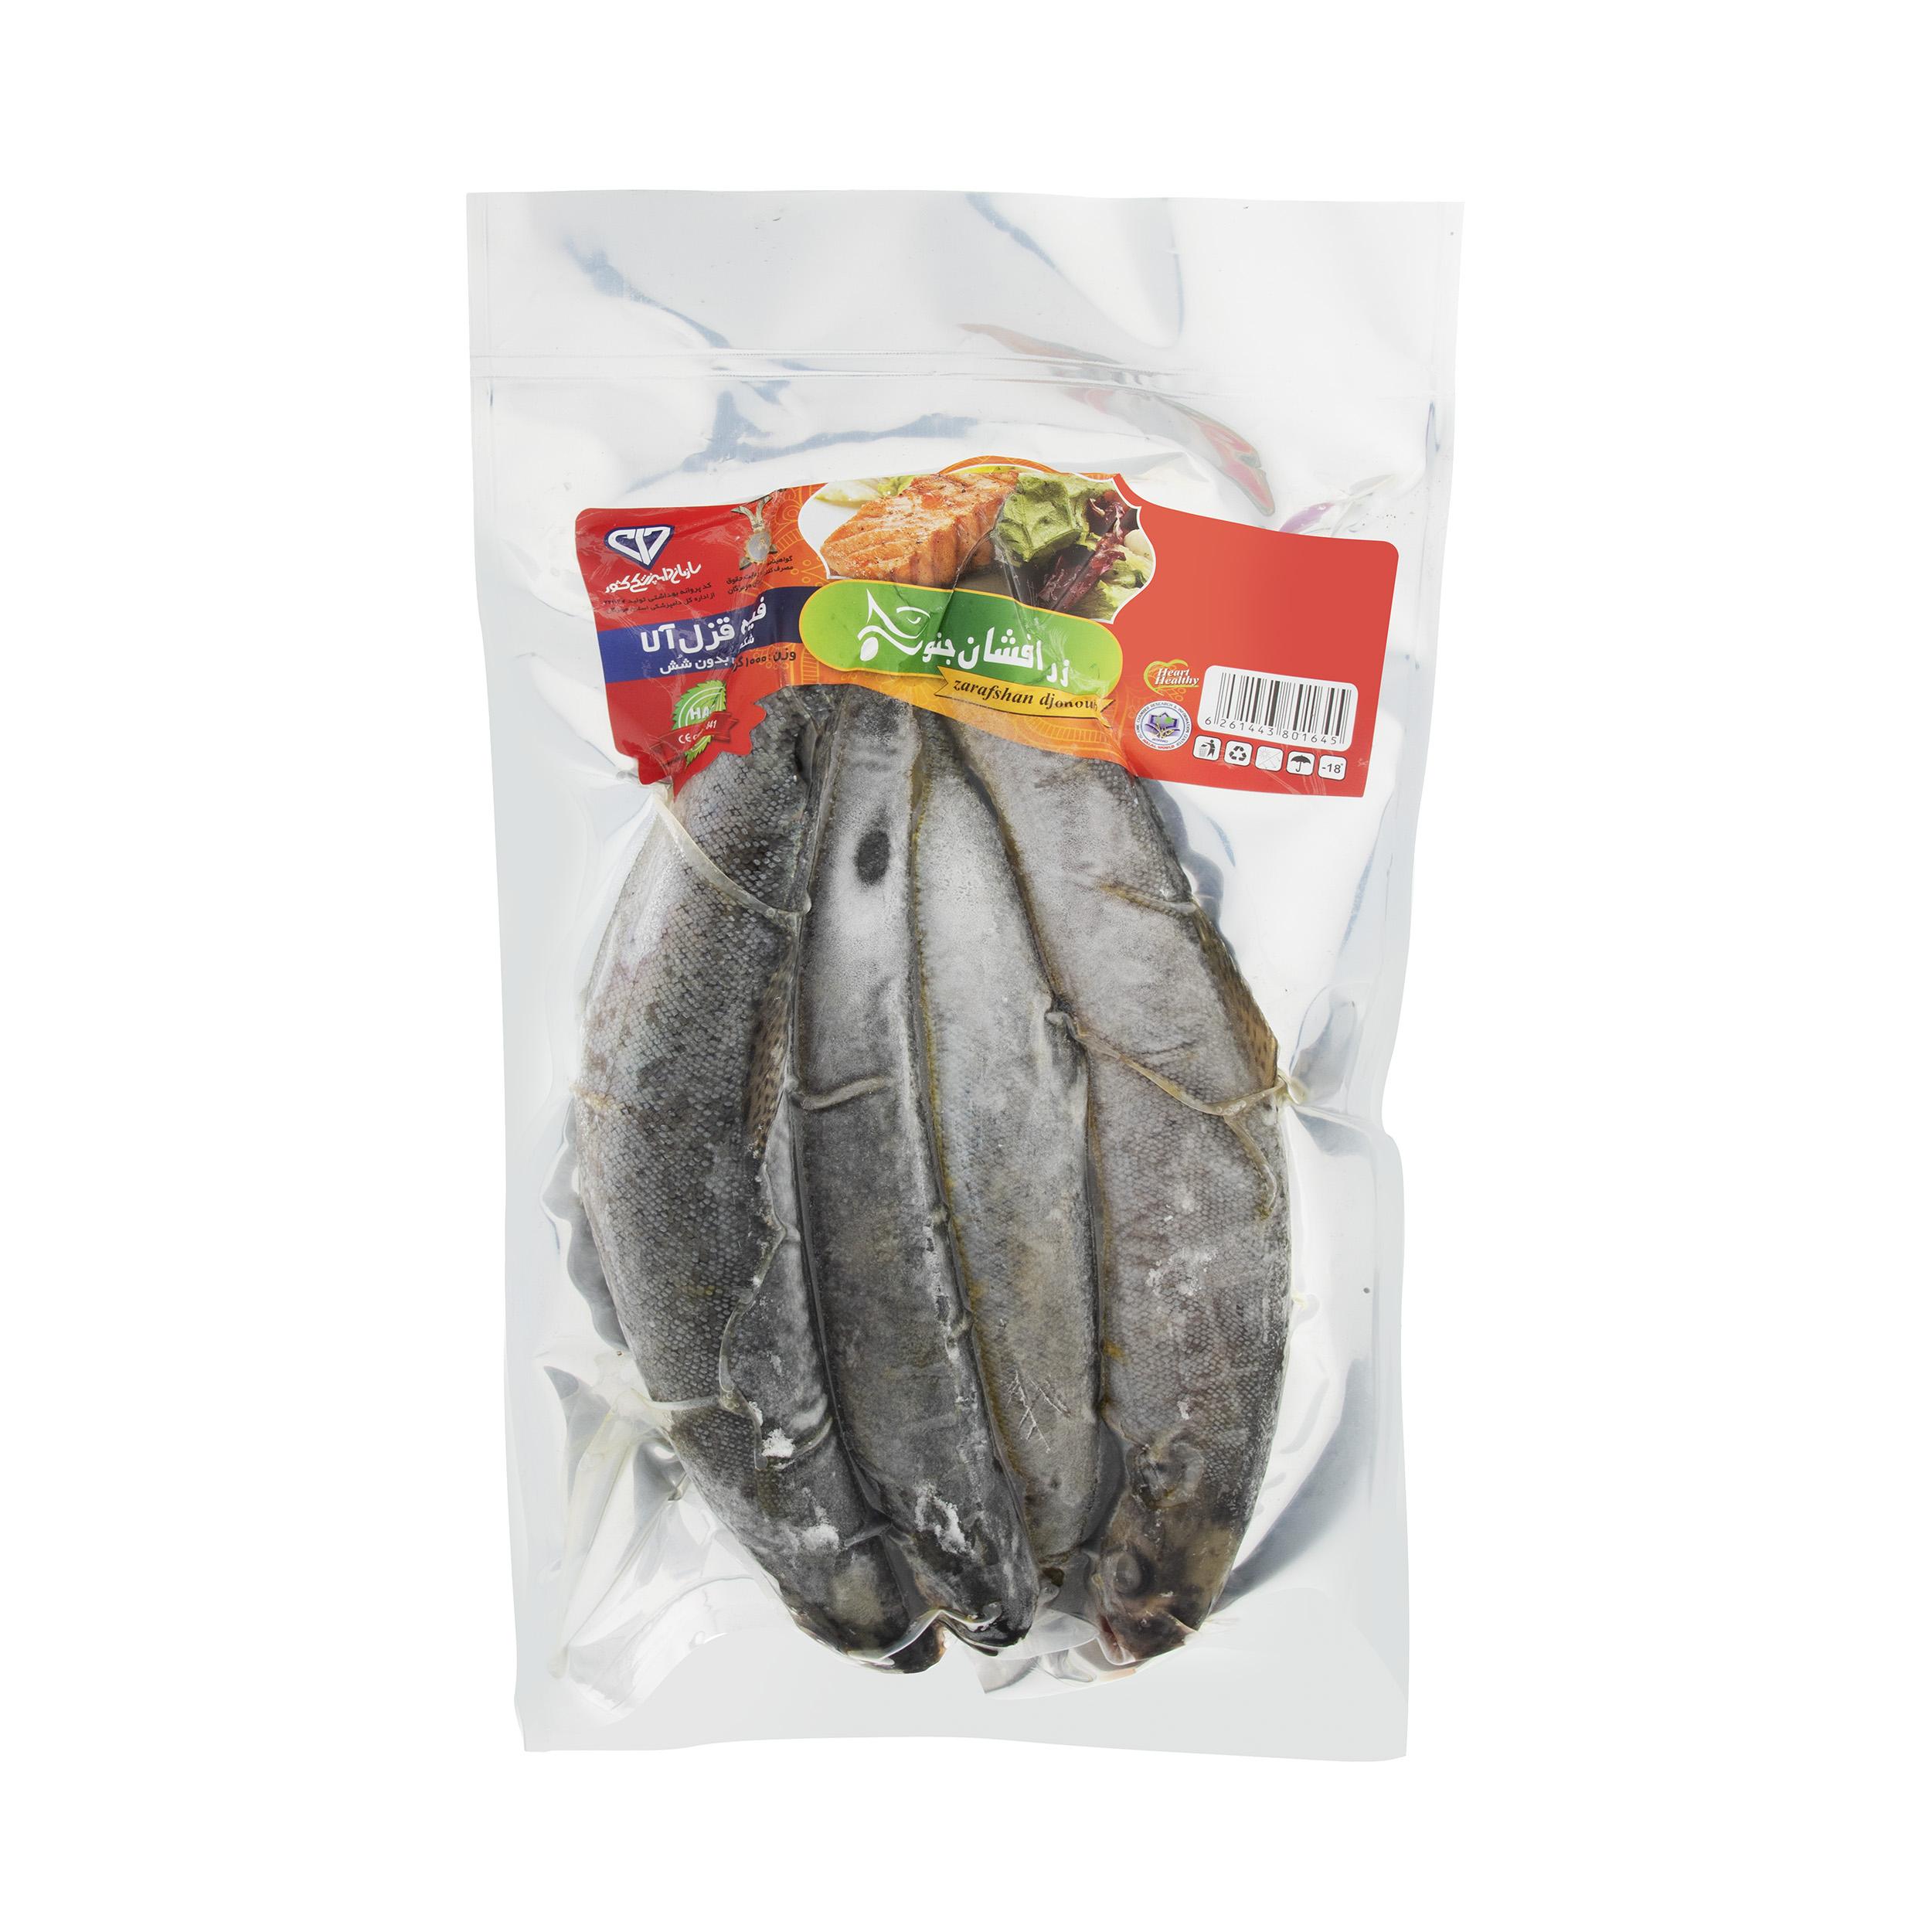 ماهی قزل آلا منجمد زرافشان جنوب مقدار 1 کیلوگرم